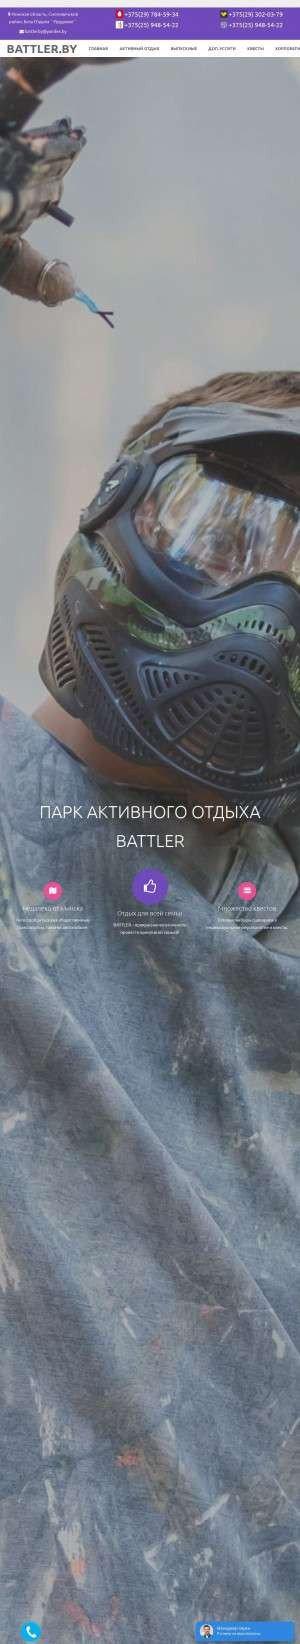 Предпросмотр для www.battler.by — Баттлер